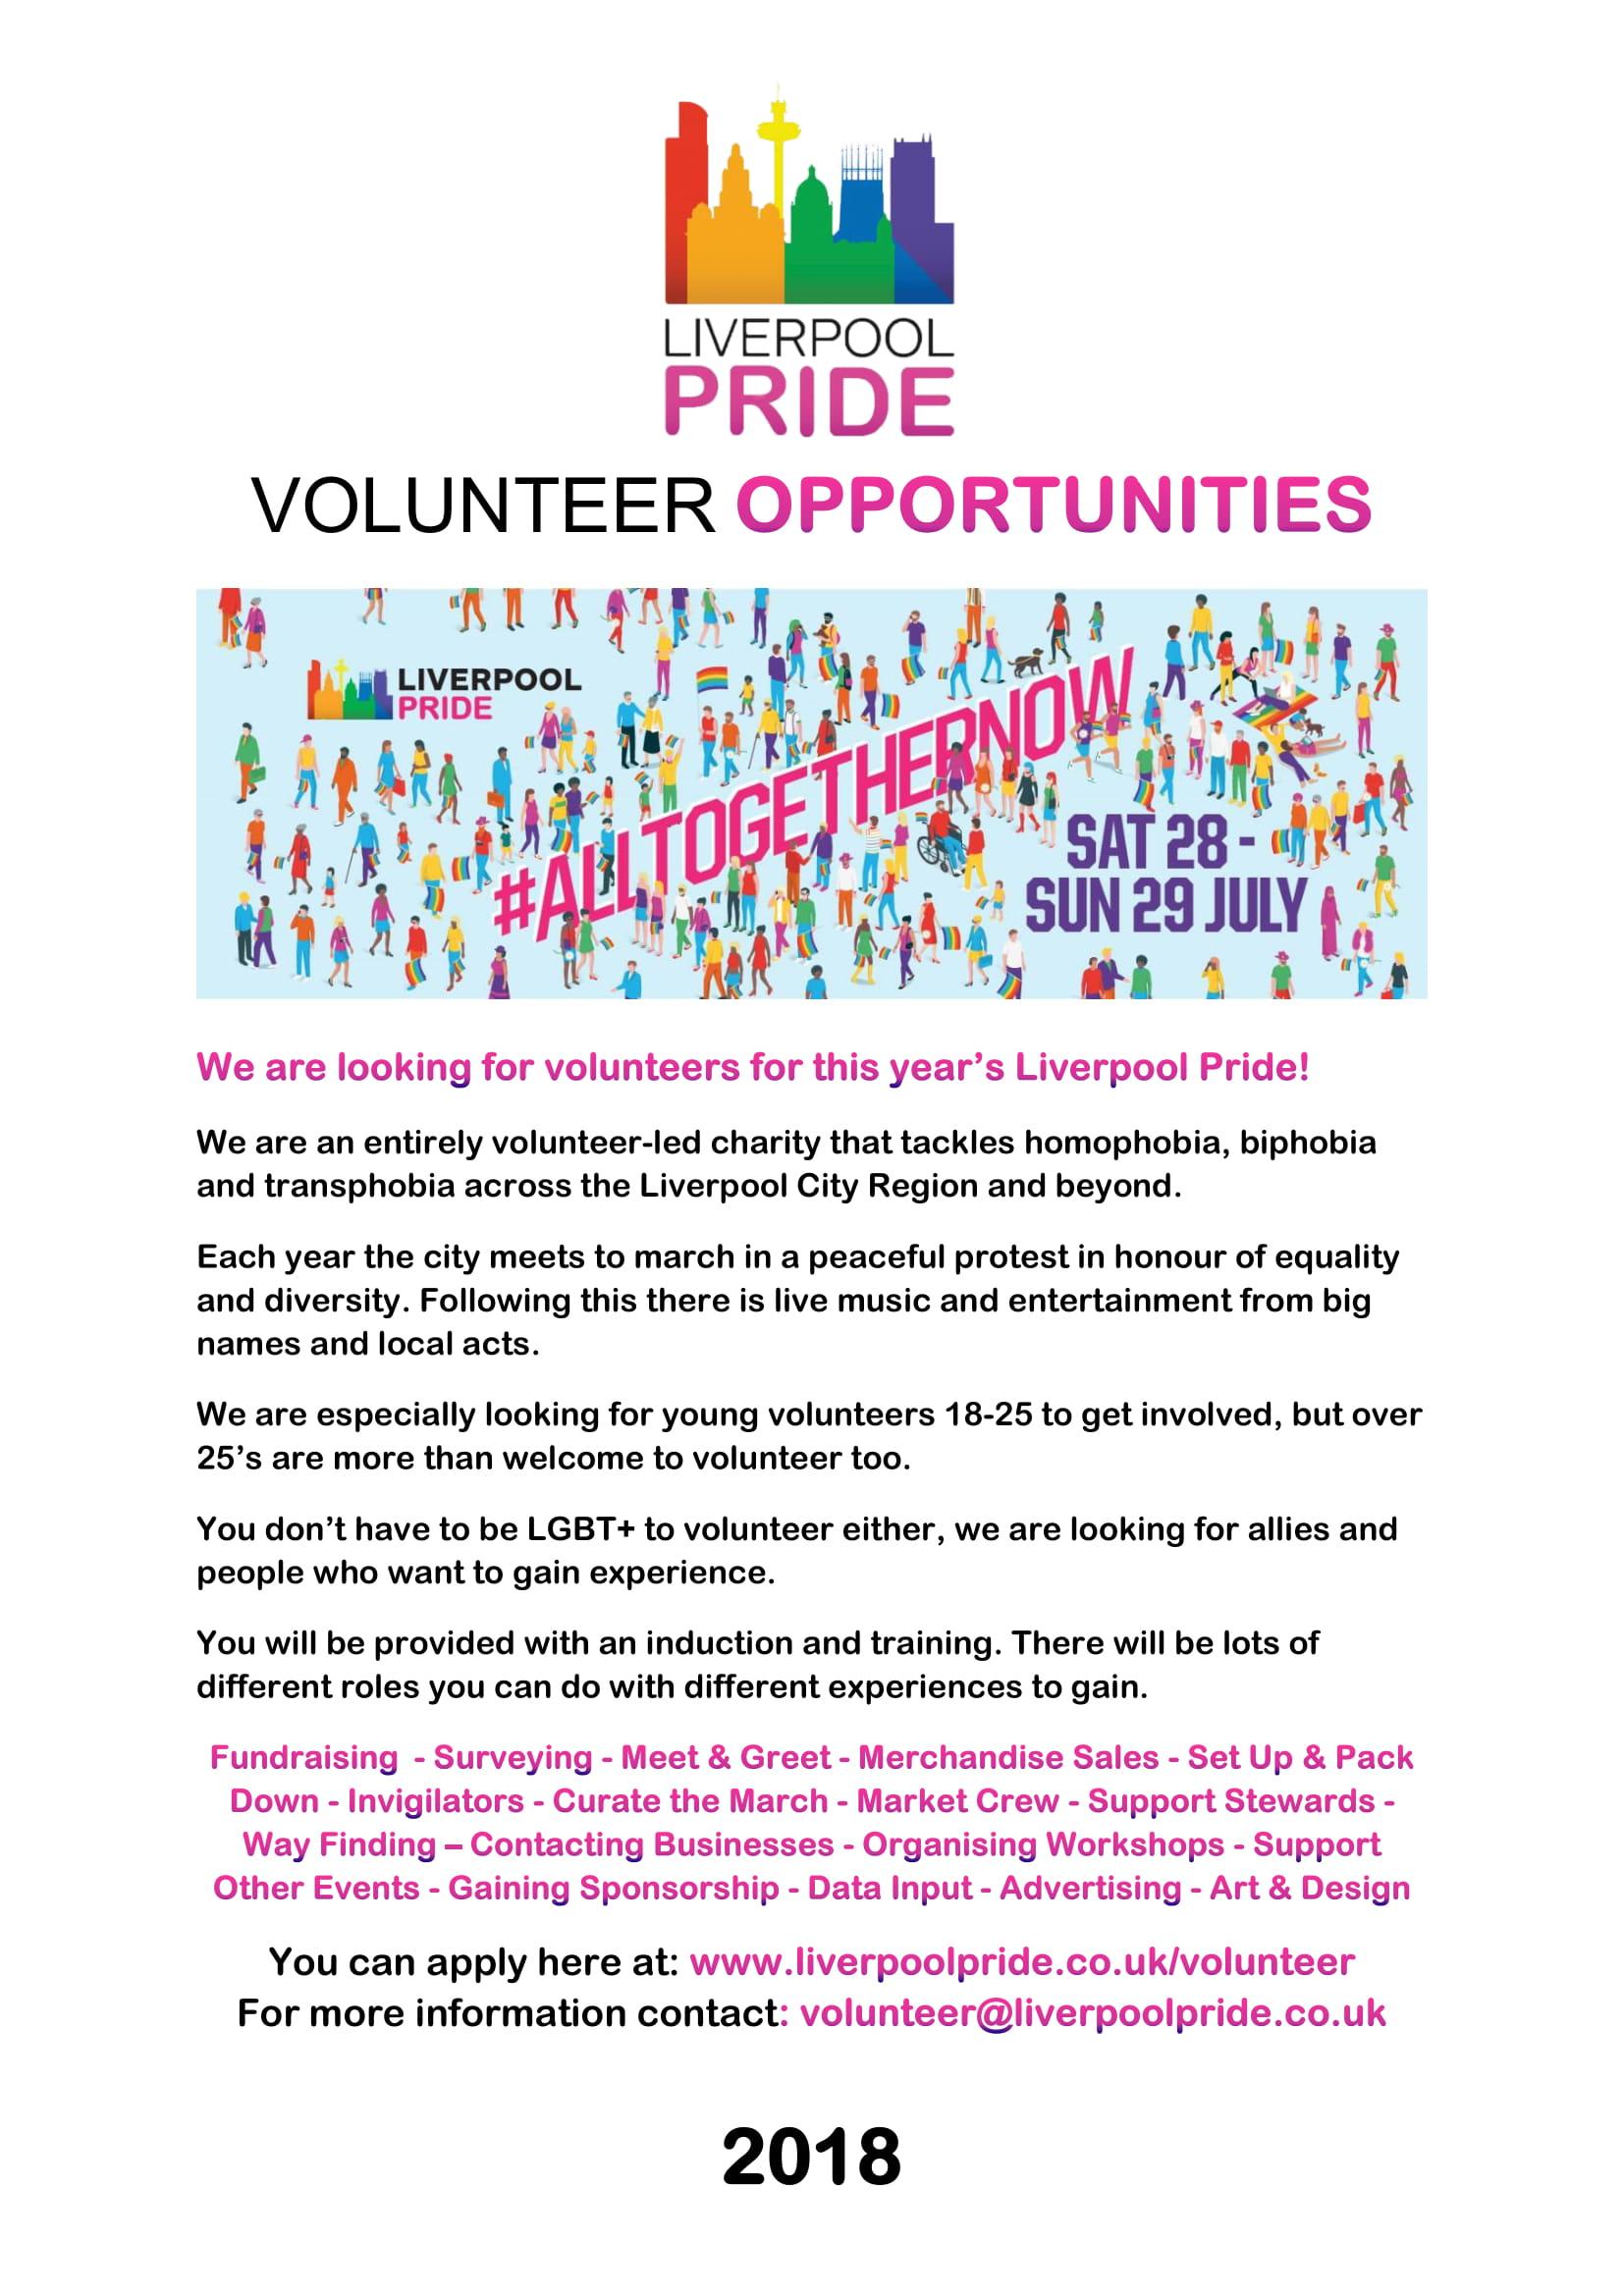 Liverpool Pride Volunteer Opportunities